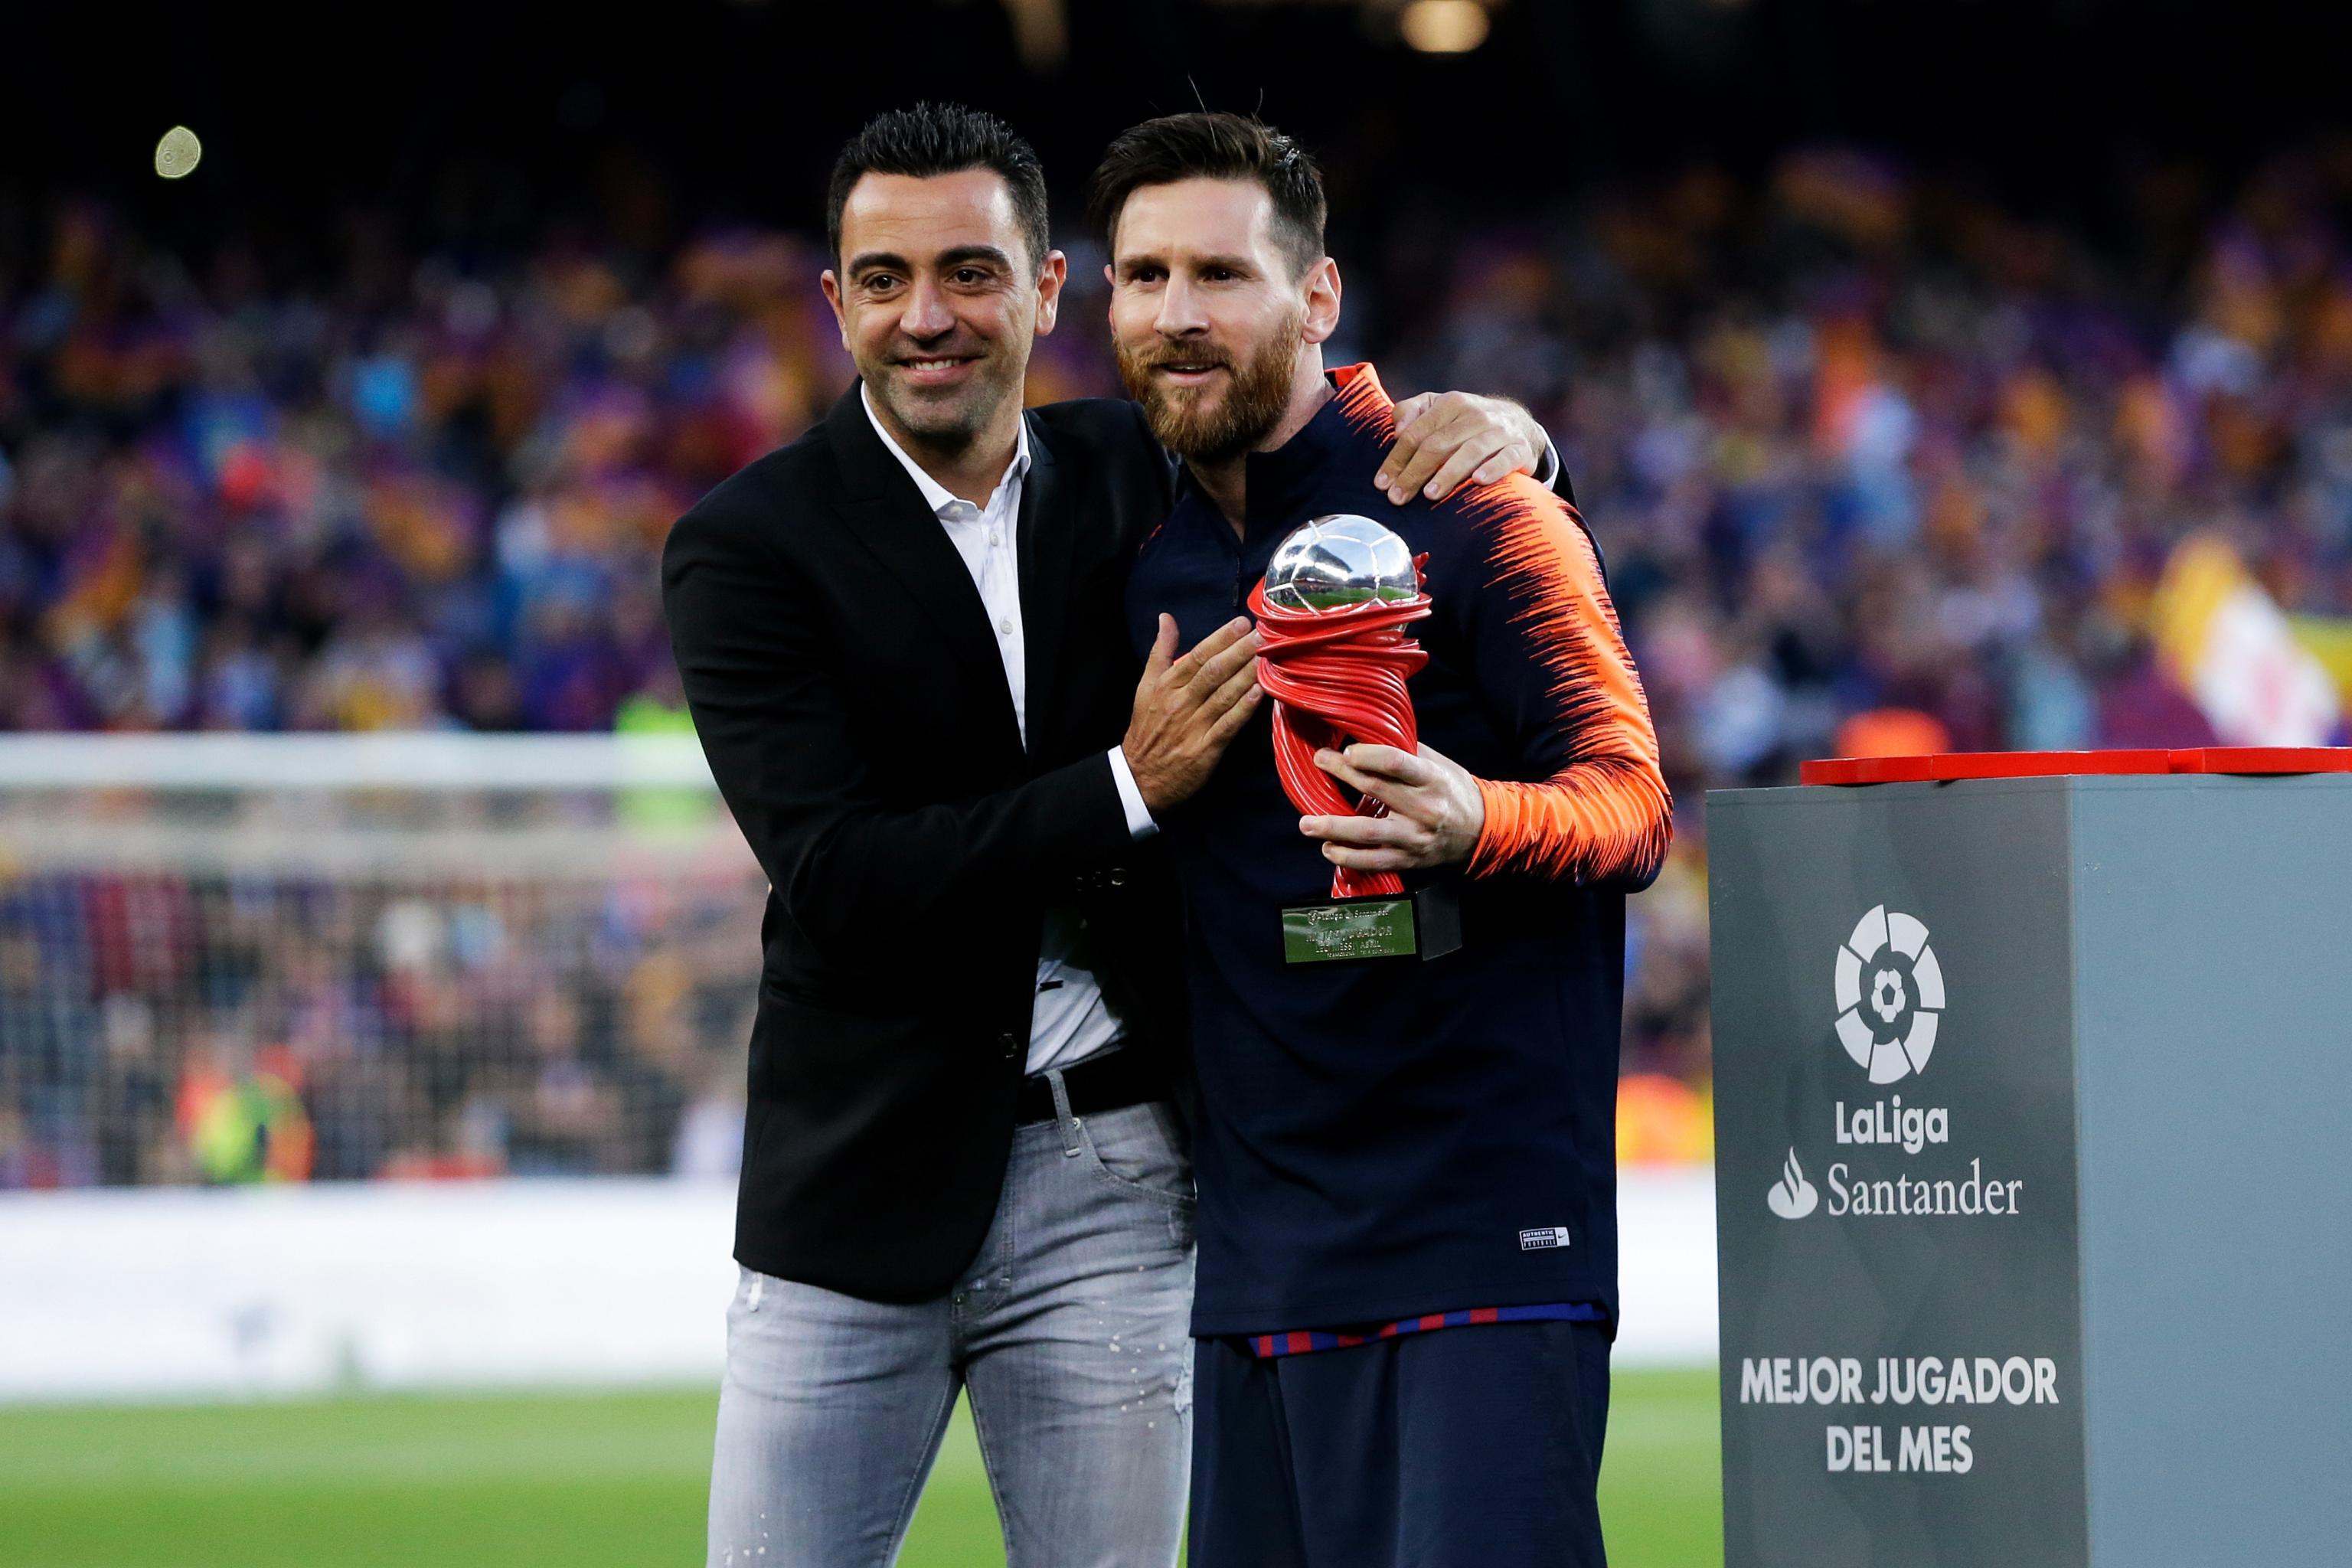 Lionel Messi Top La Liga Scorer for 6th Time, Wins 5th